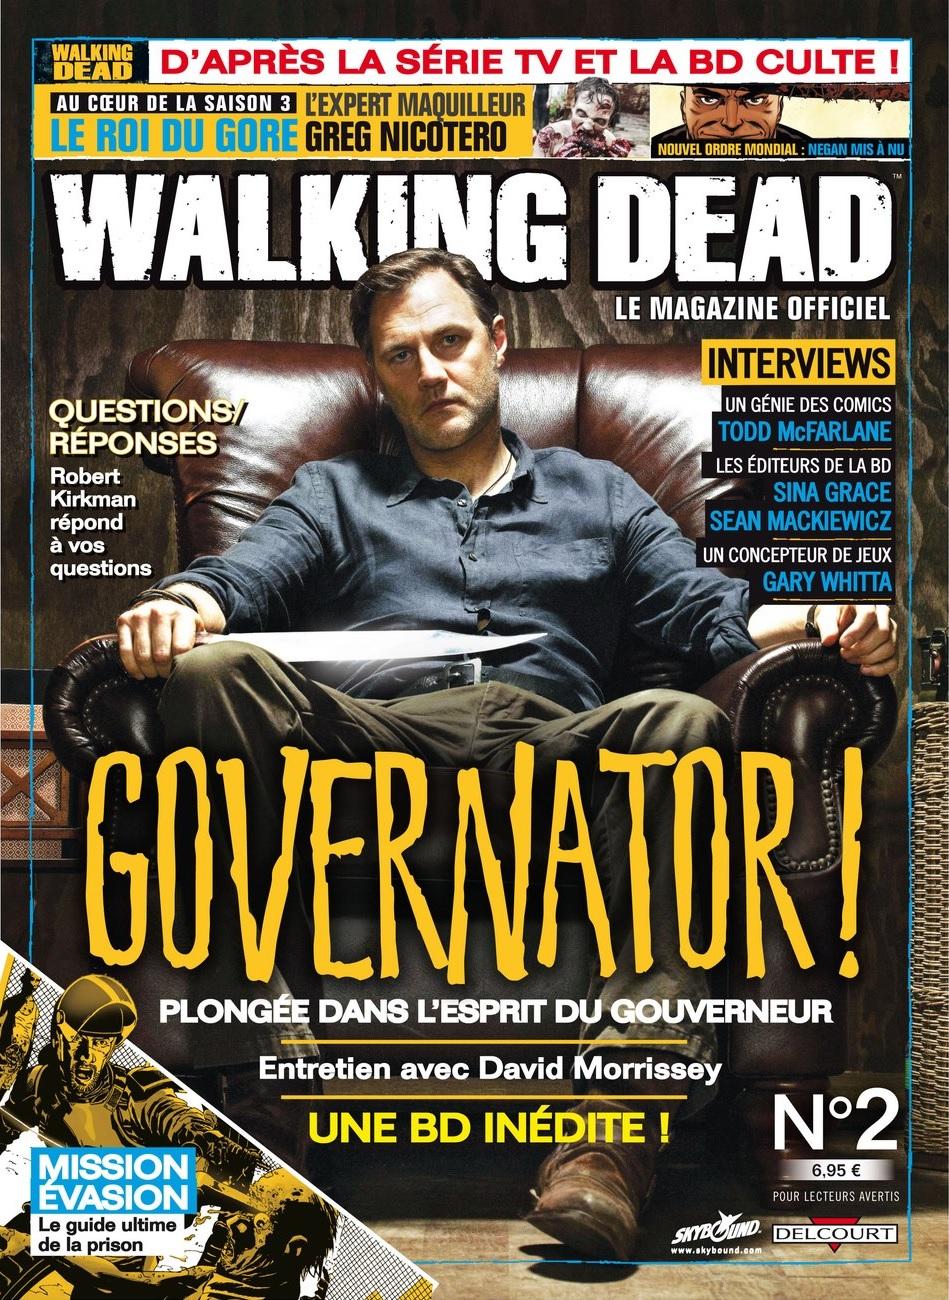 WALKING DEAD – LE MAGAZINE OFFICIEL #2